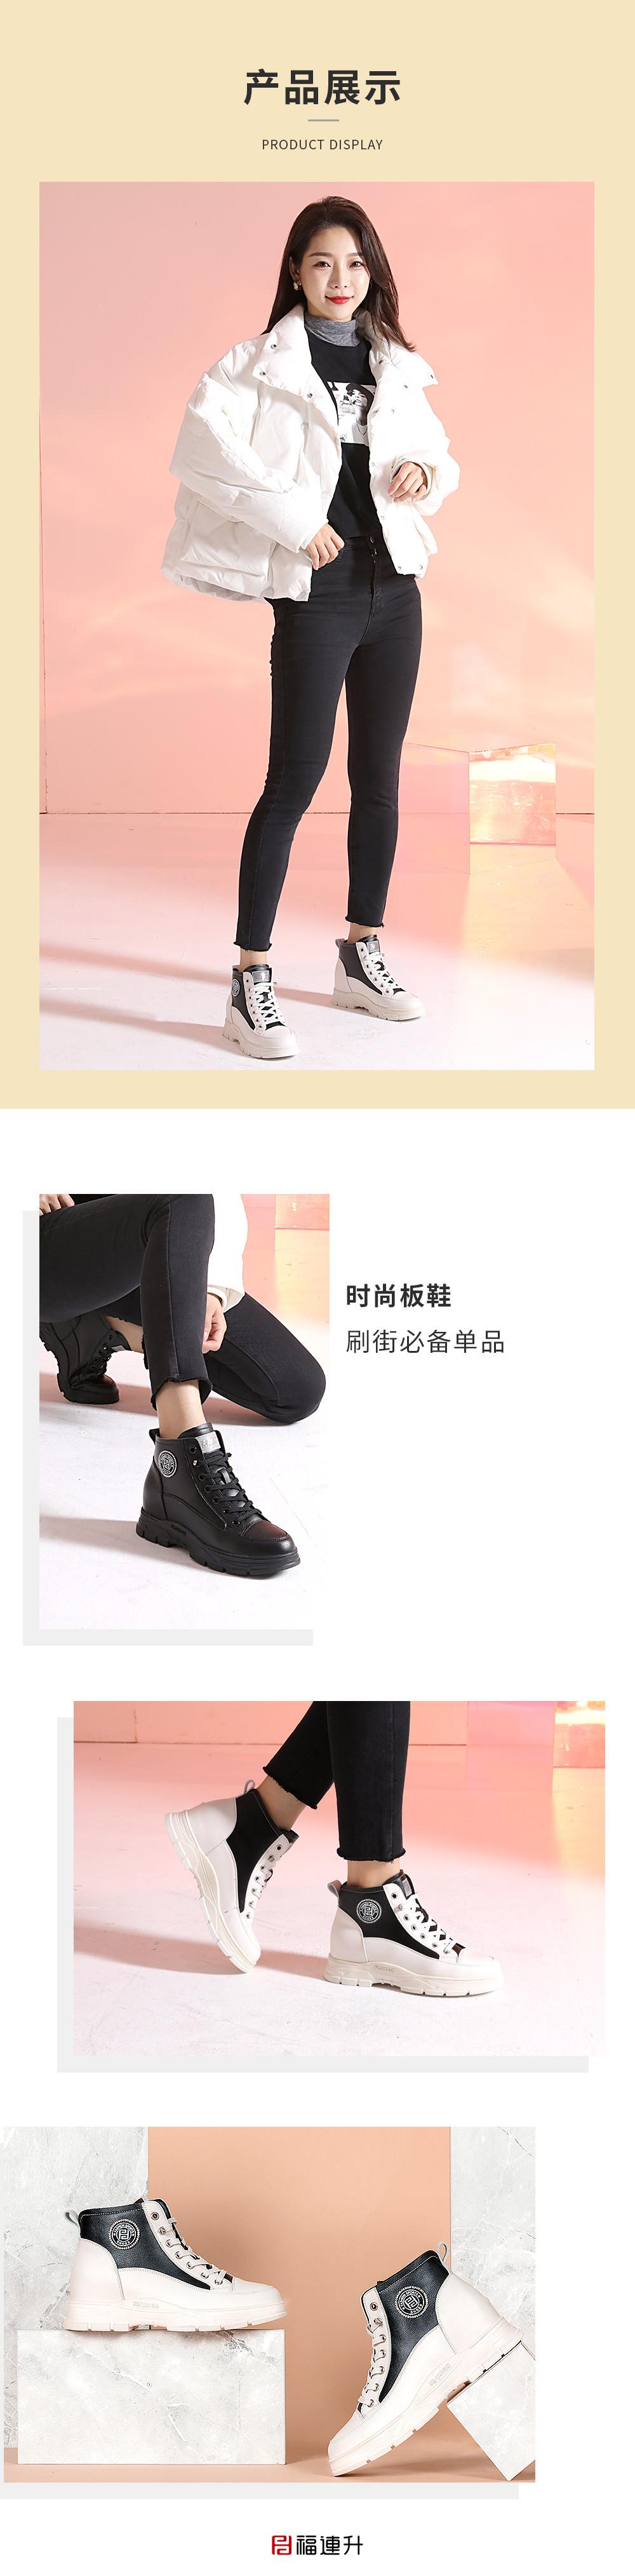 福連升休閑鞋2020冬季新款時尚運動百搭厚底顯高牛皮老爹鞋圖片